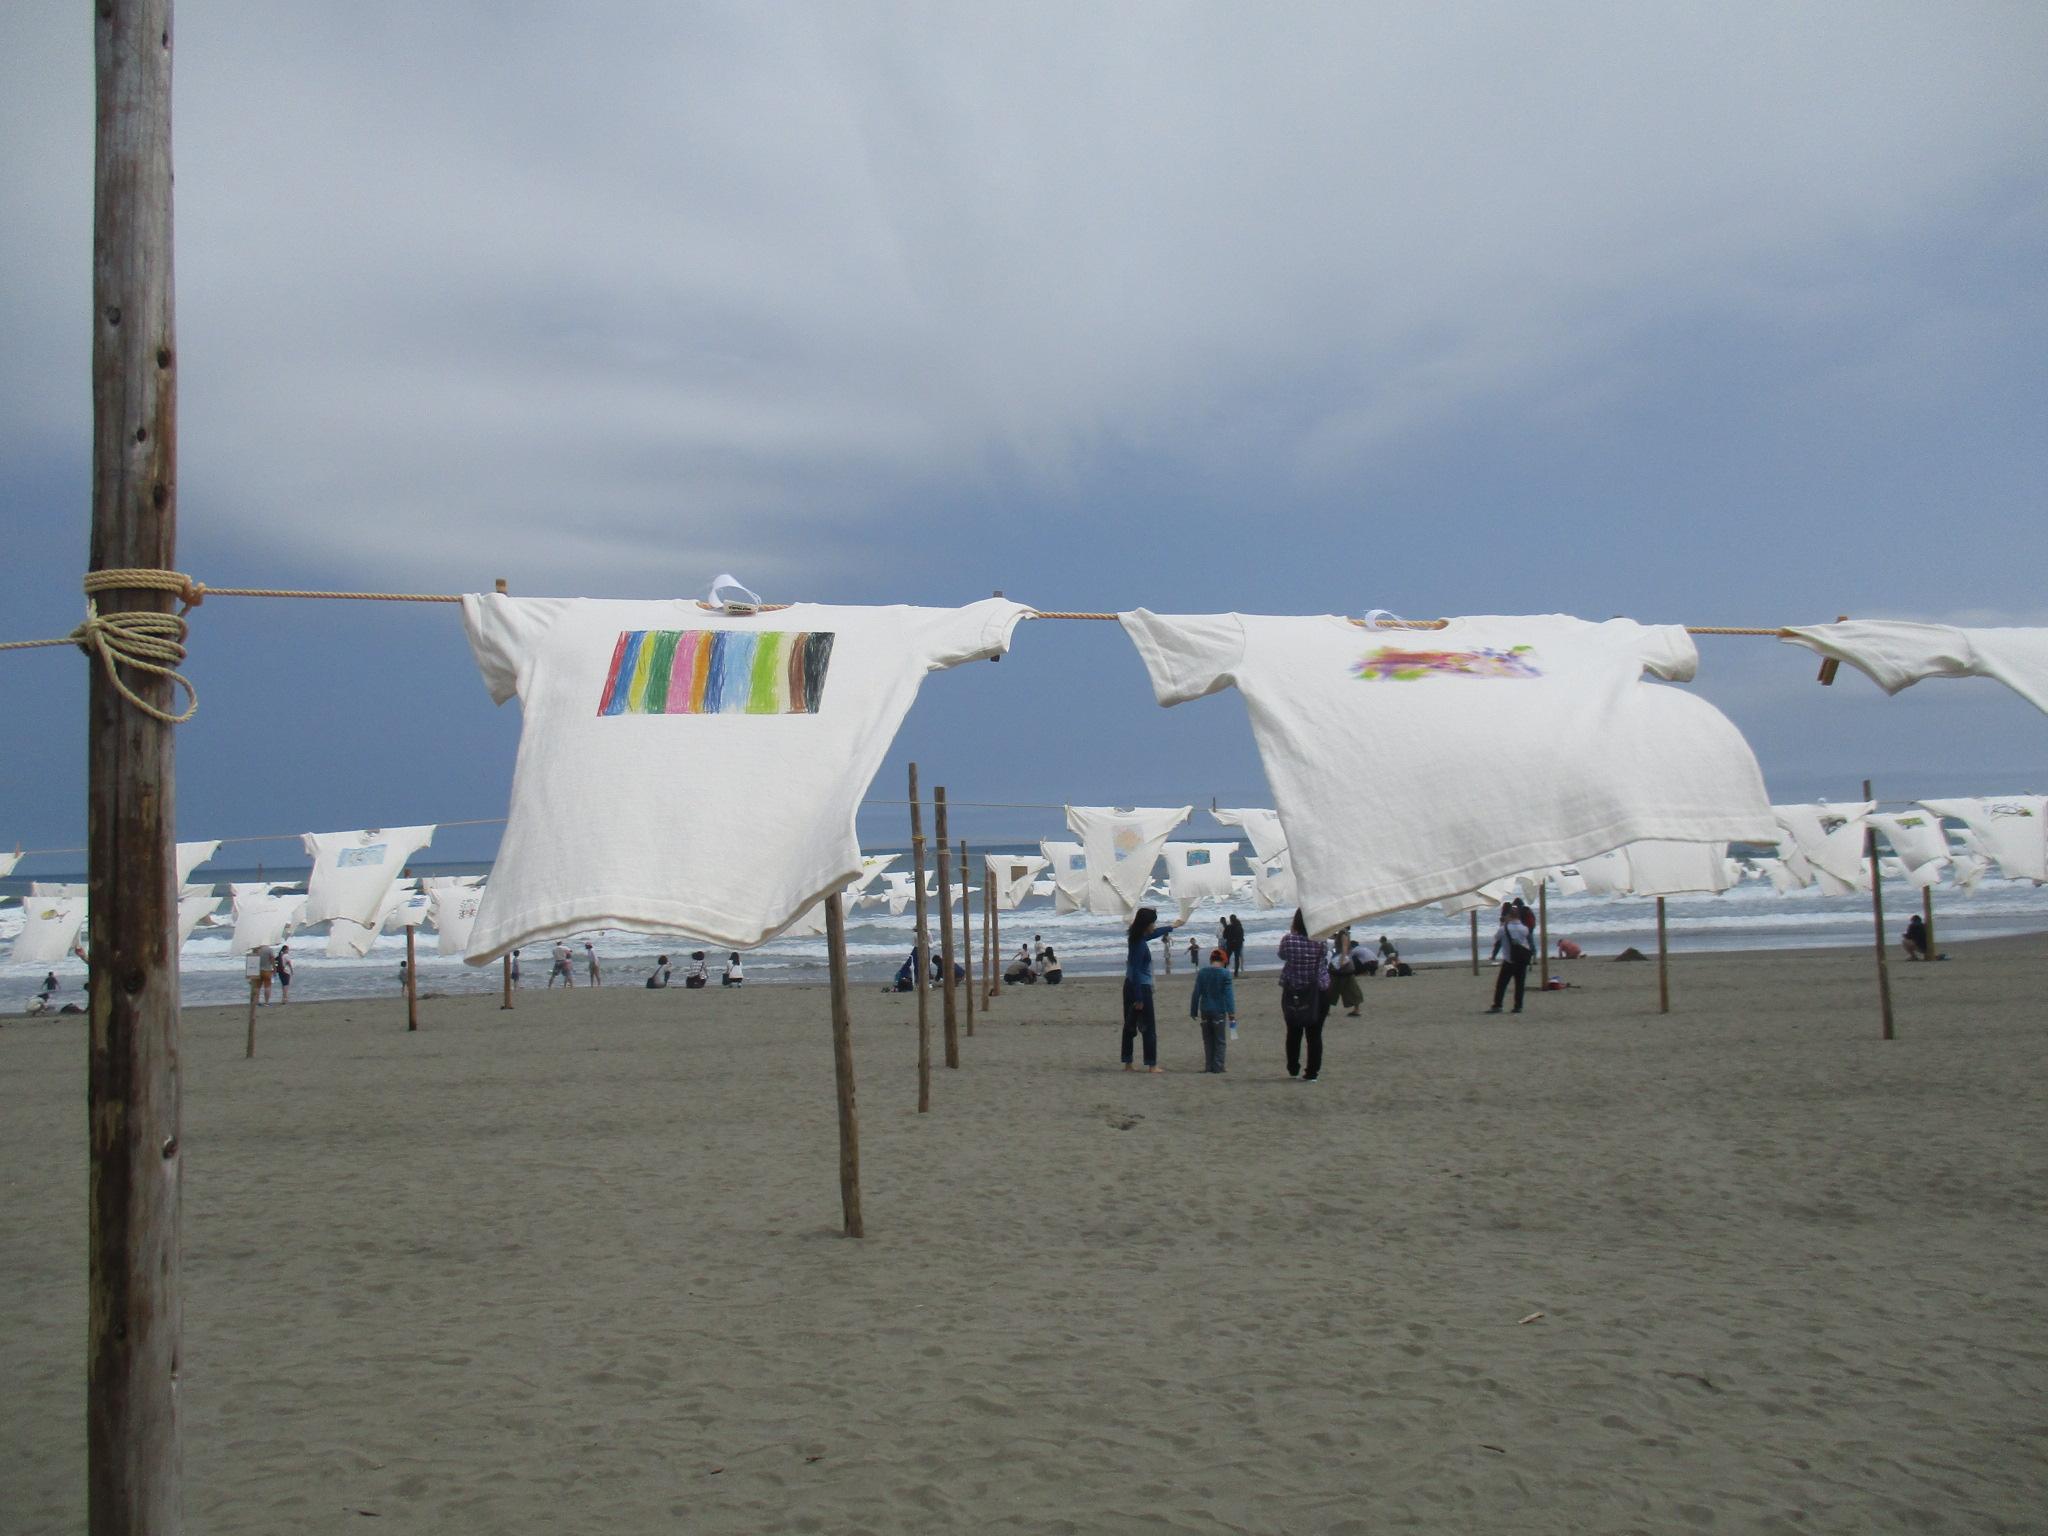 砂浜美術館「Tシャツアート展」に参加しました